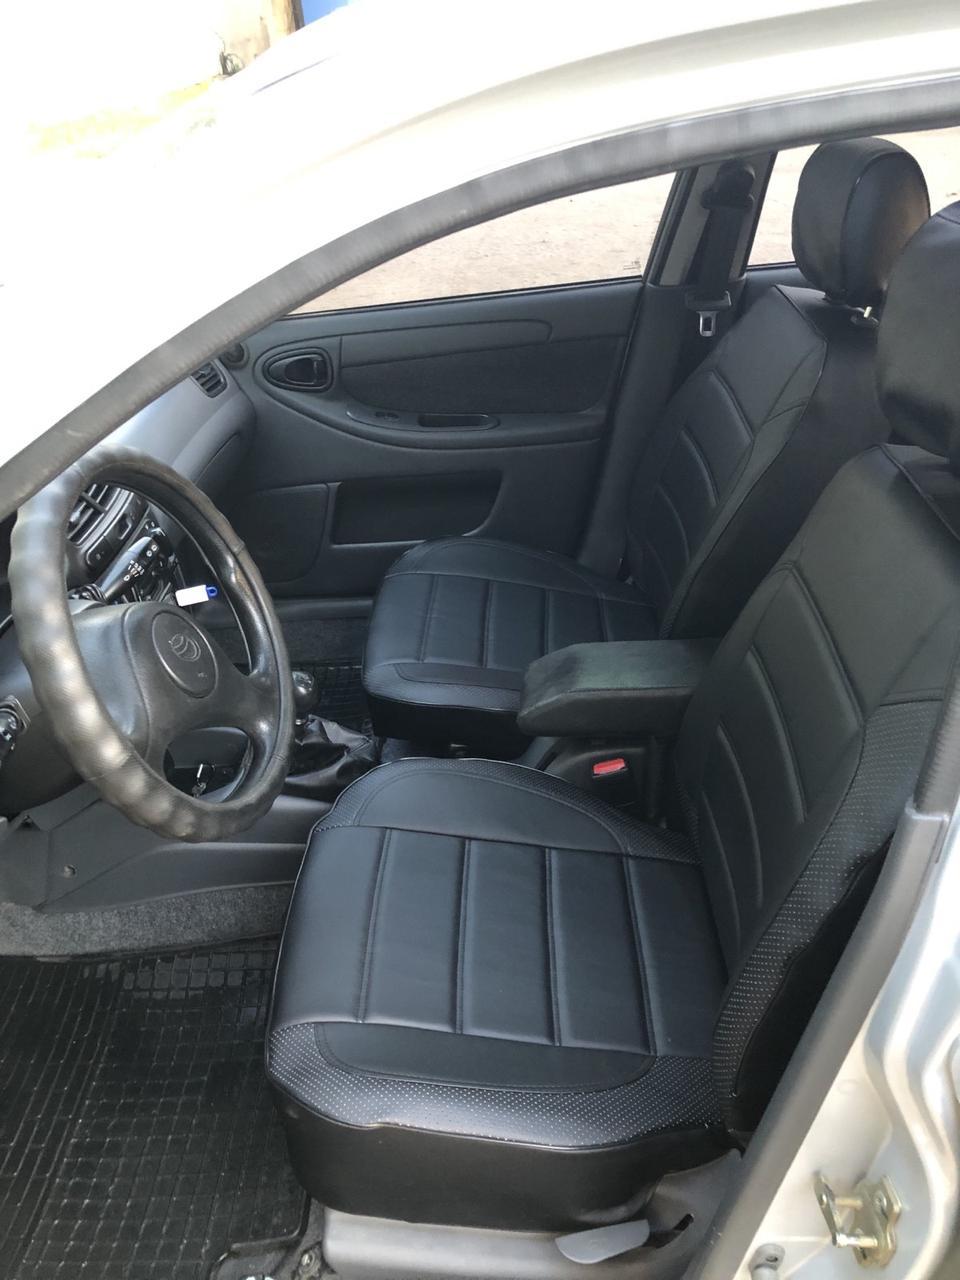 Чохли на сидіння Фольксваген Гольф 4 (Volkswagen Golf 4) модельні MAX-L з екошкіри Чорний Чорно-білий